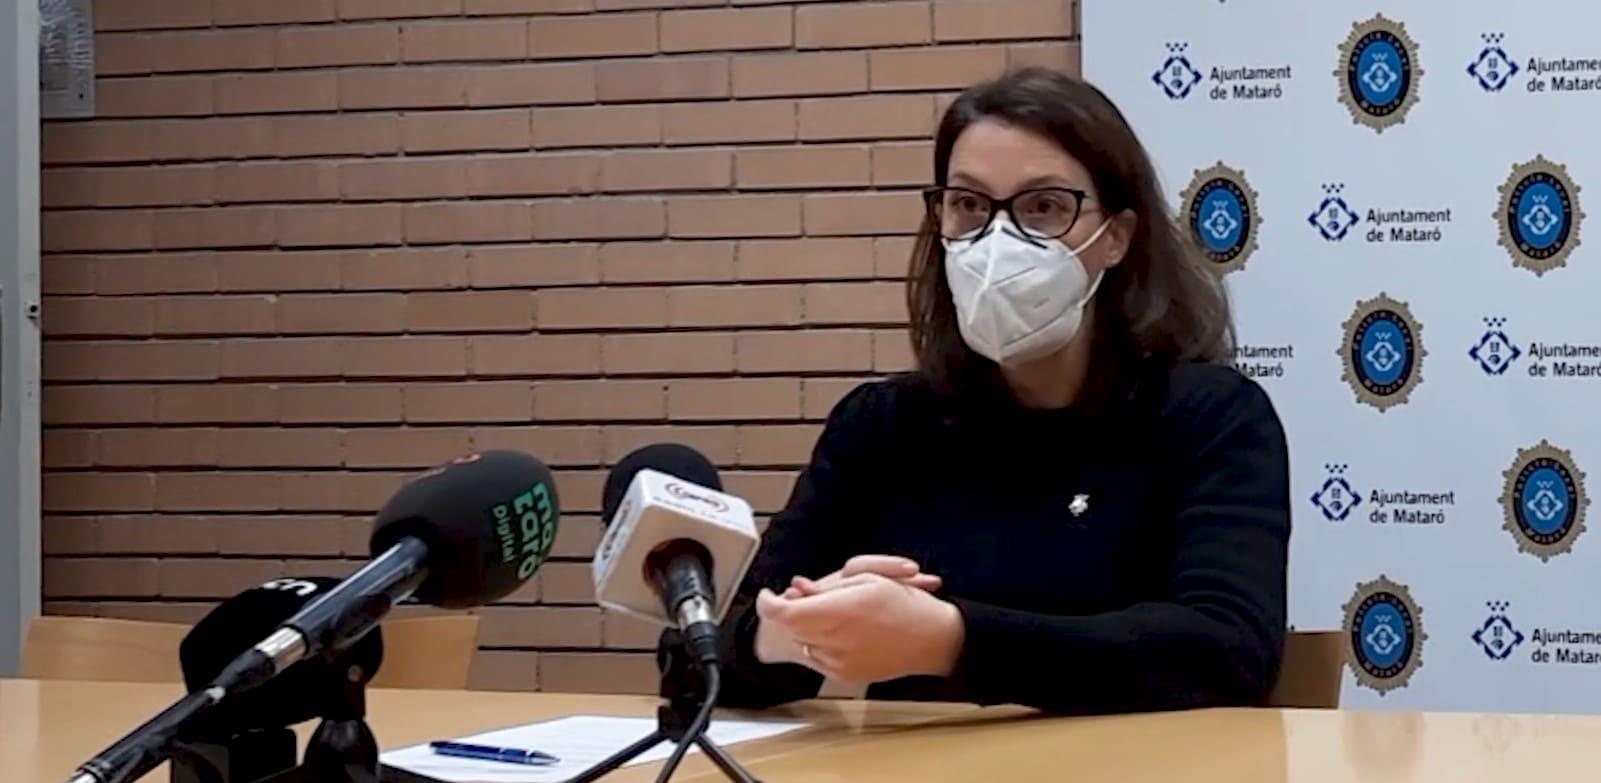 Roda de Premsa amb Anna Villareal, regidora de Seguretat Pública de Mataró